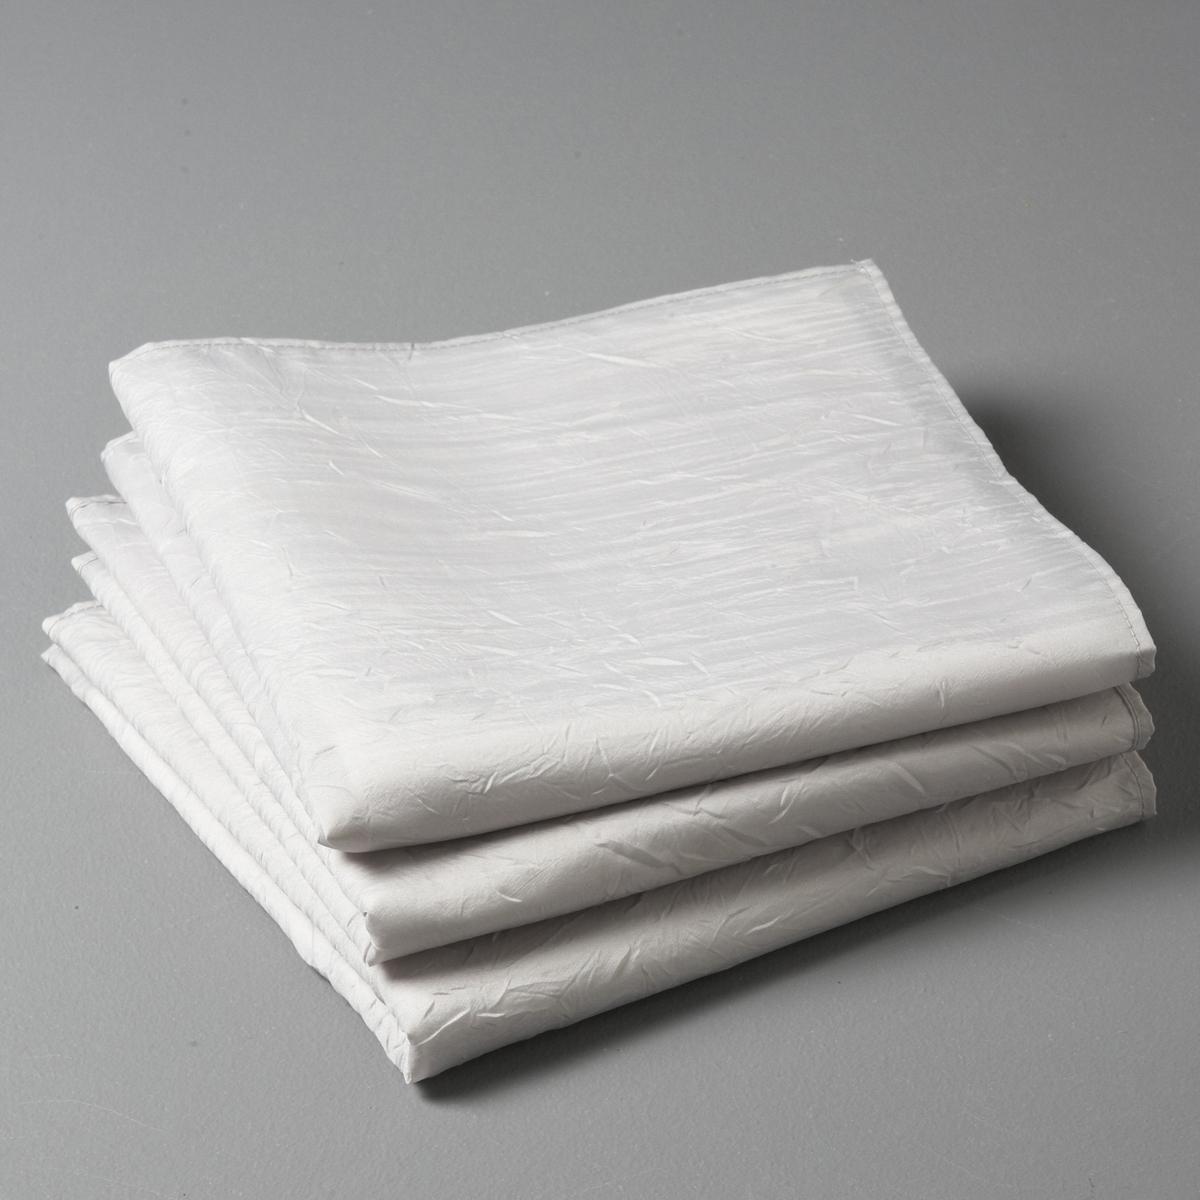 3 салфетки CeryasСалфетки Ceryas из шелковистой ткани с жатым эффектом: Простая в уходе ткань: быстро сохнет, не нужно гладить. Описание салфеток на стол:- Салфетки на стол из шелковистой ткани с жатым эффектом, 100% полиэстера.- Стирка при 40°, быстро сохнет, не нужно гладить.- Размеры: 45 x 45 см.<br><br>Цвет: антрацит,белый,красный,серо-коричневый каштан,Серо-синий,серый,экрю<br>Размер: 45 x 45  см.45 x 45  см.45 x 45  см